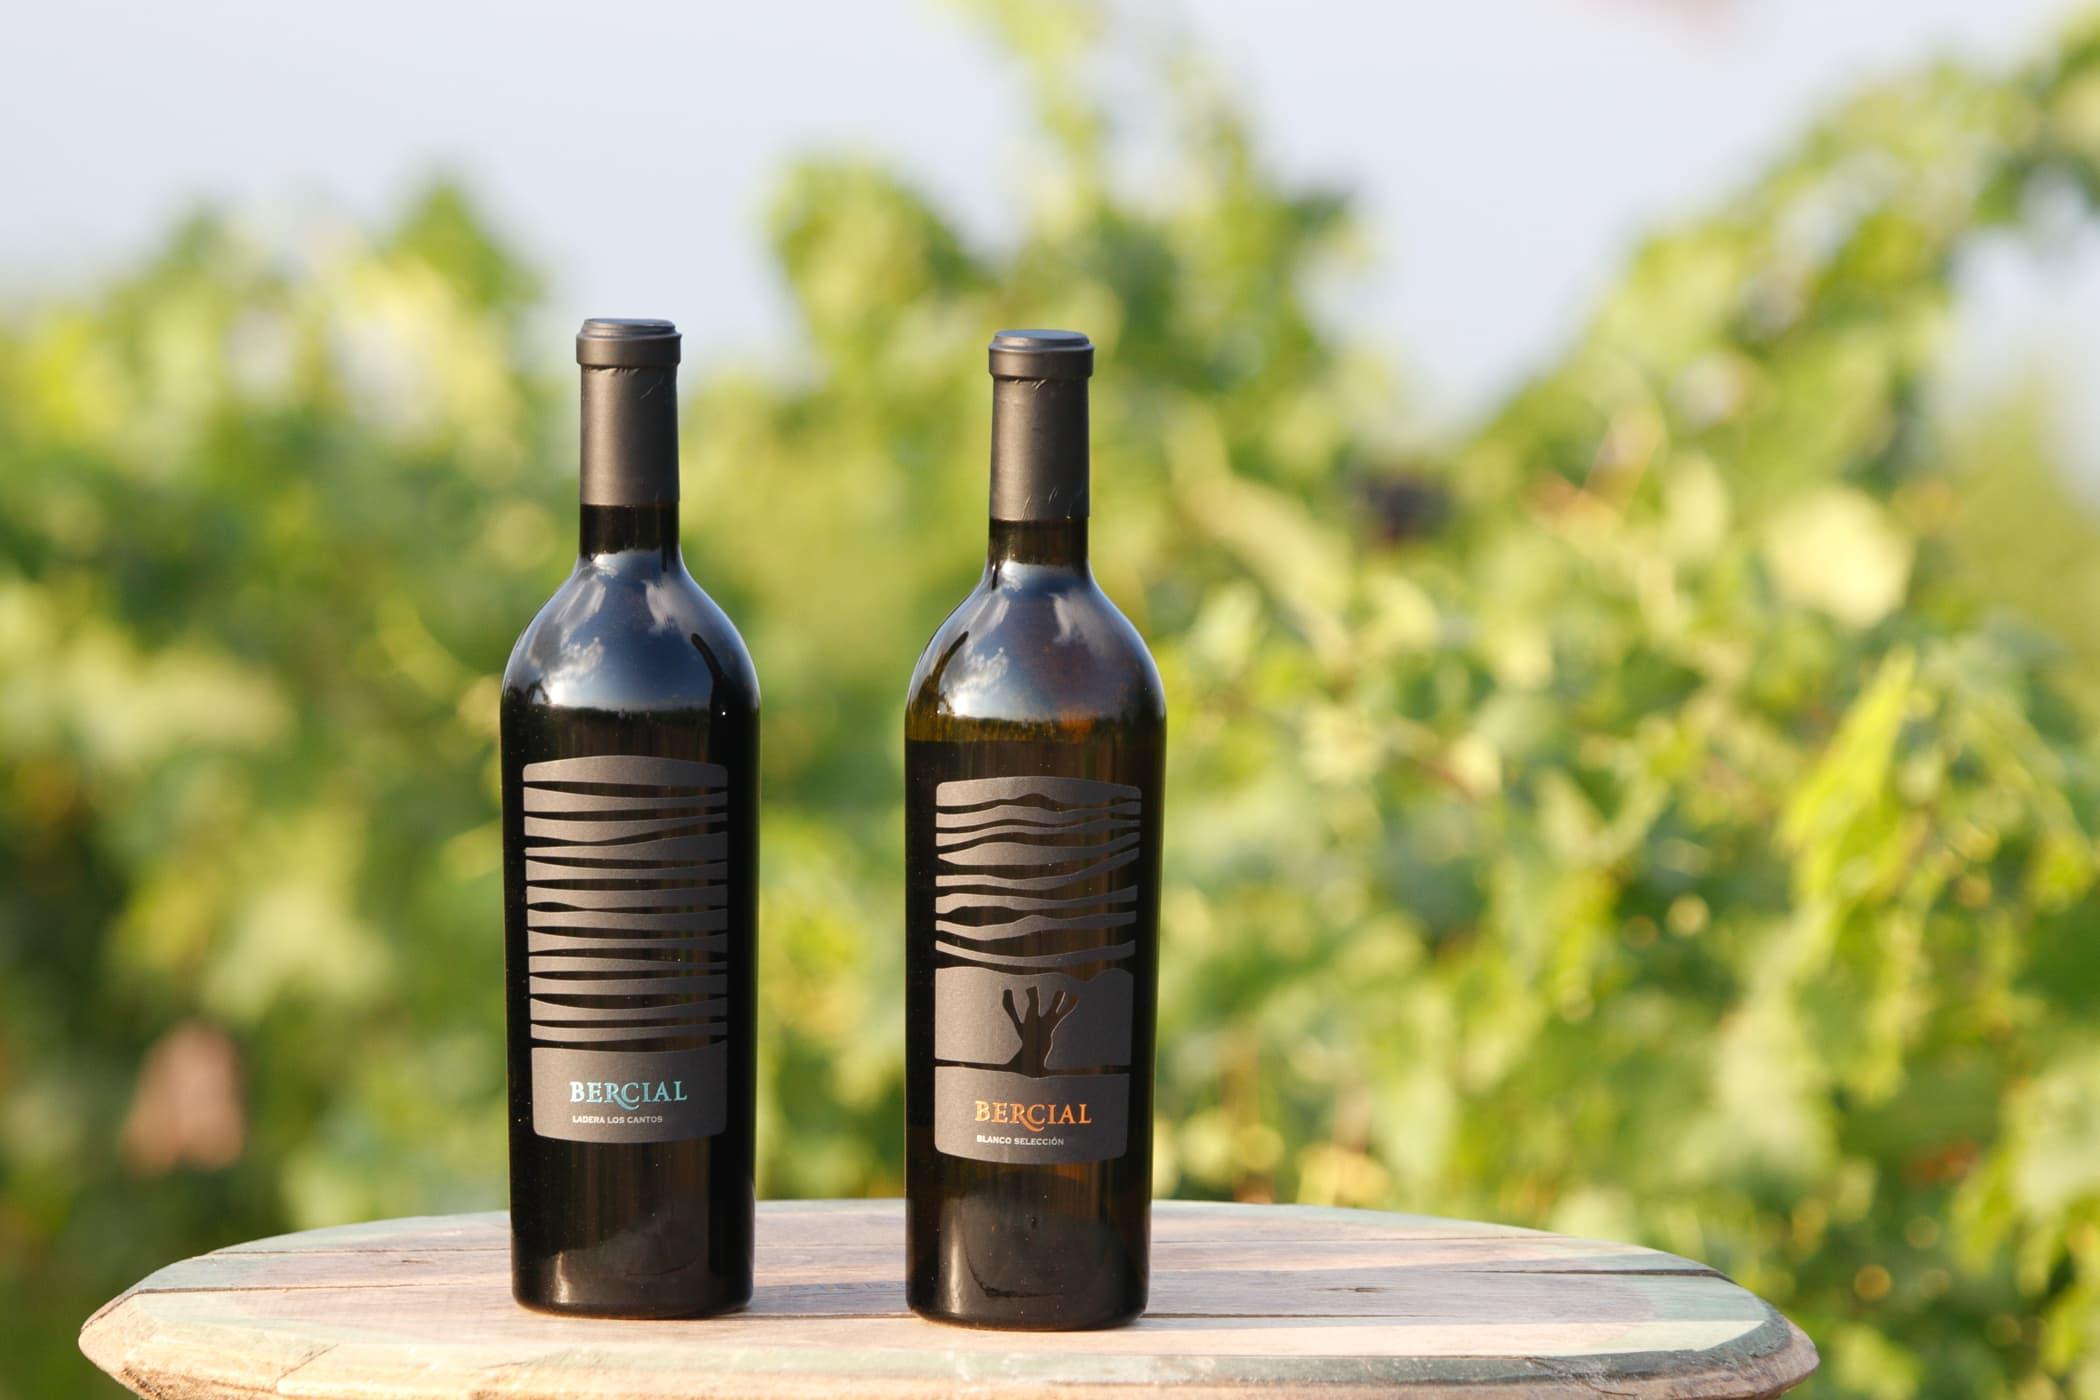 vino selecto bercial paradores turismo ecologico vegano